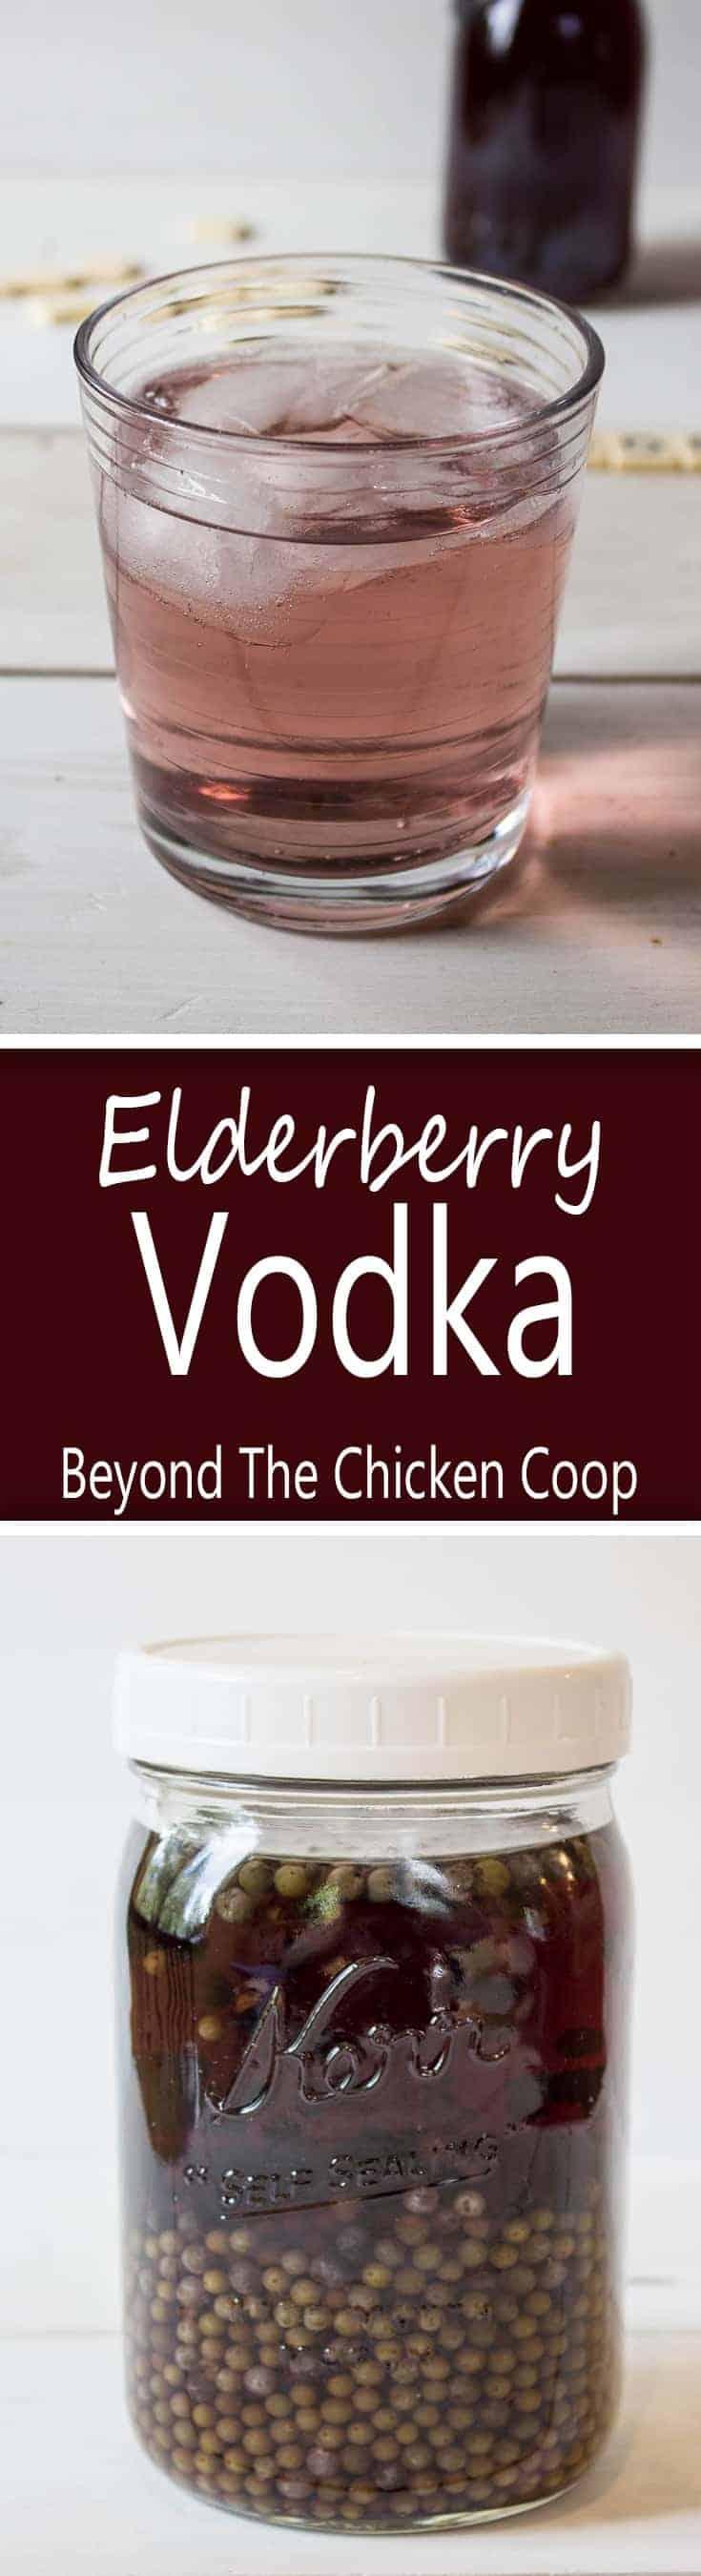 Infused vodka flavored with wild elderberries.